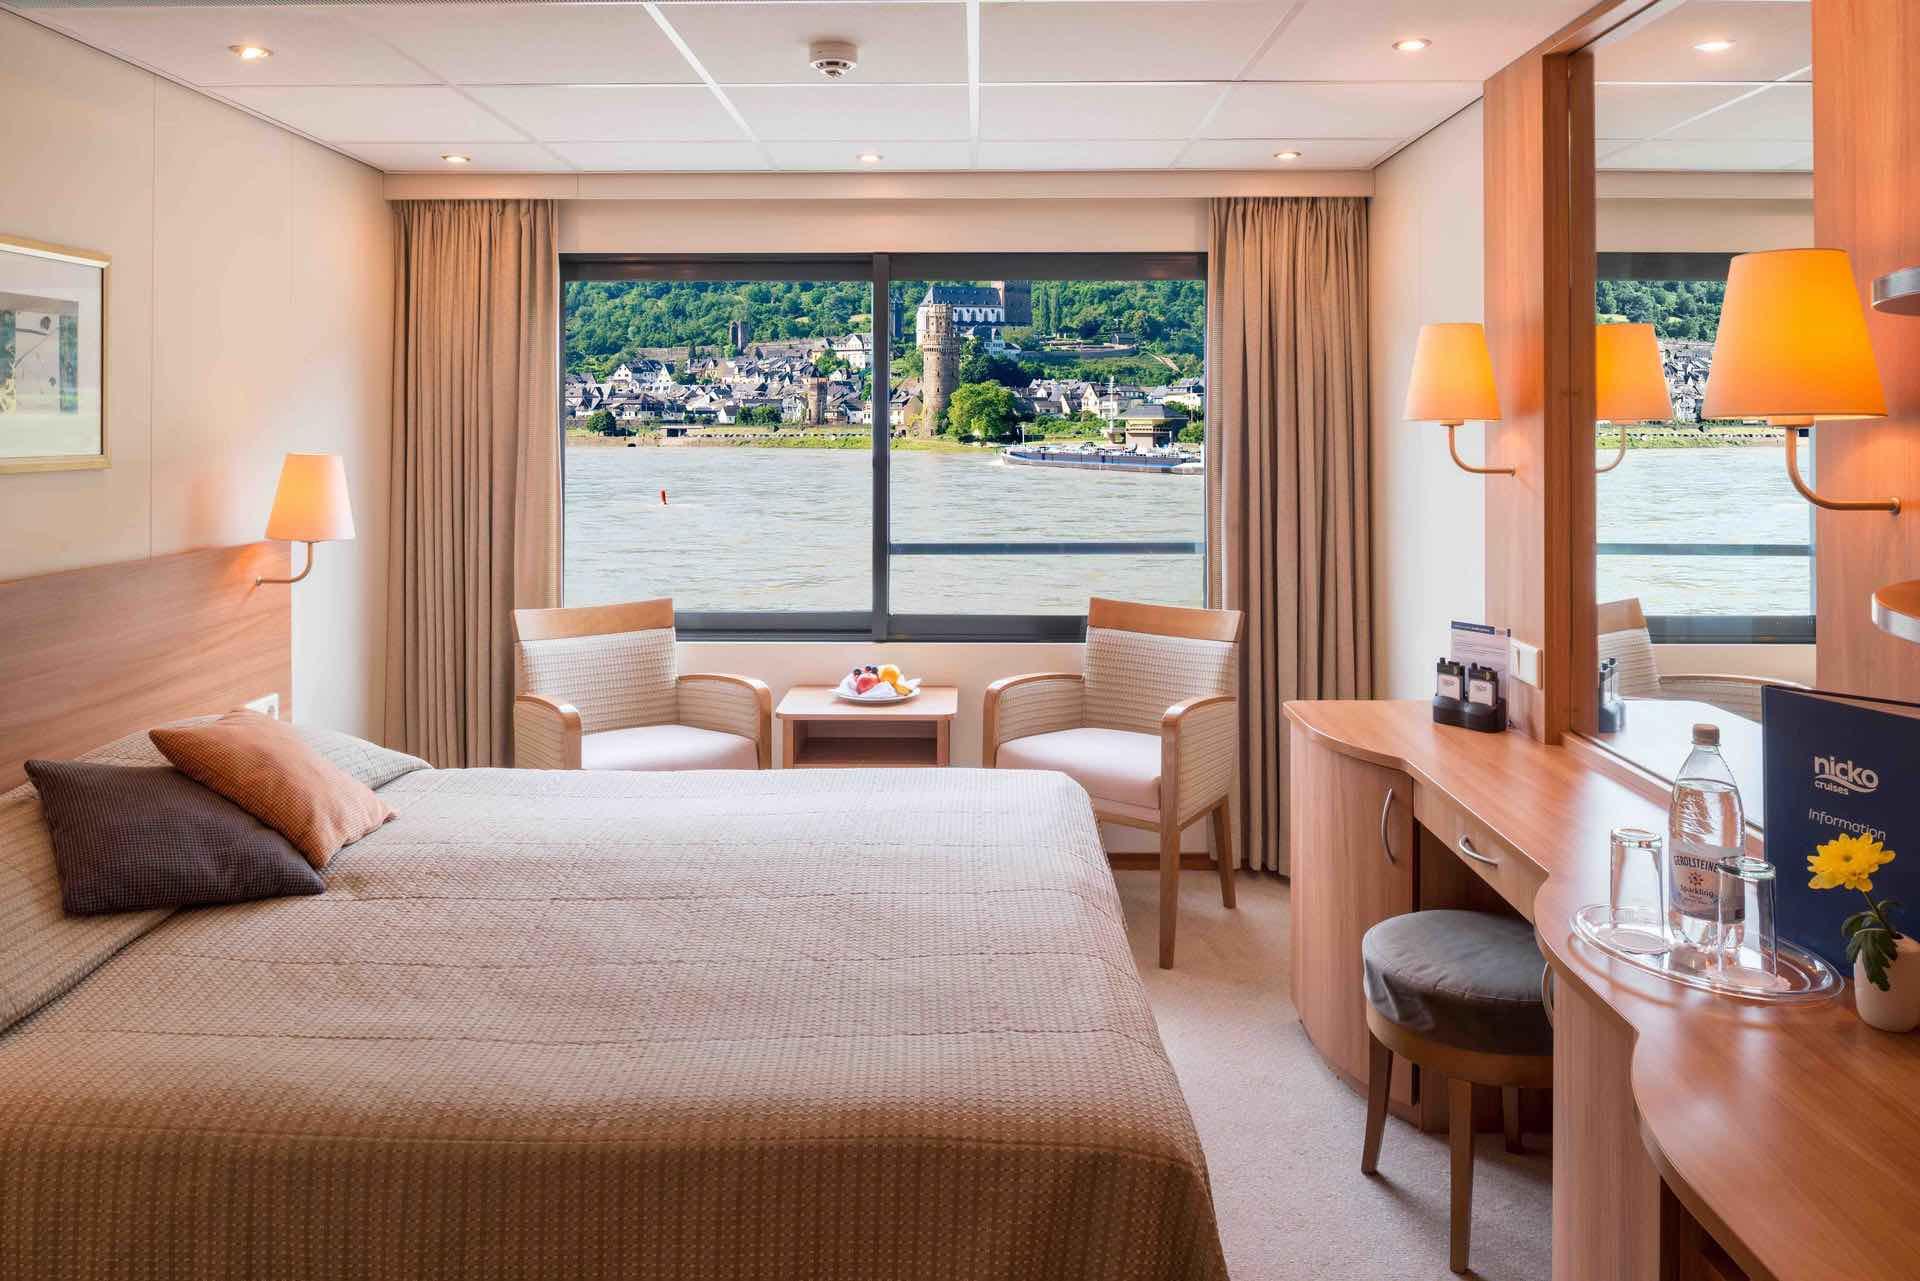 MS Rhein Melodie Kabine mit Panoramafenster